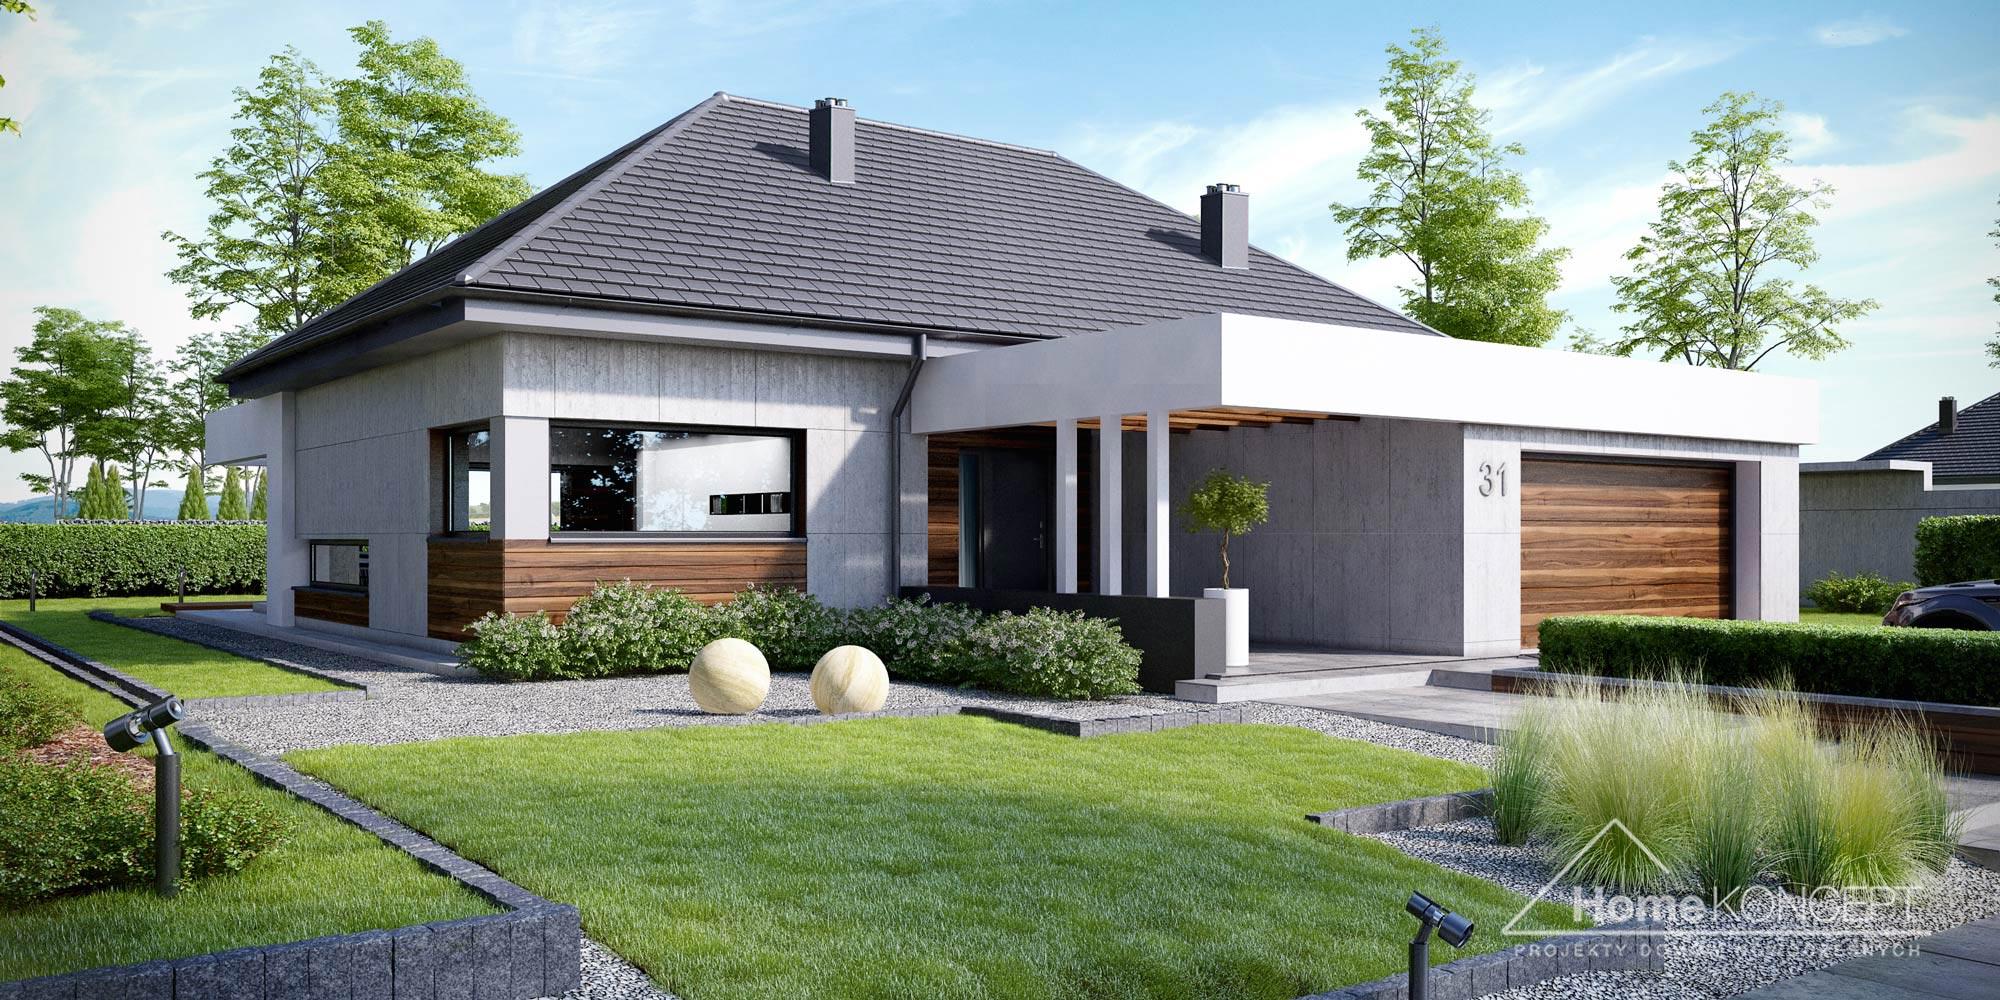 Projekt domu HomeKoncept 31